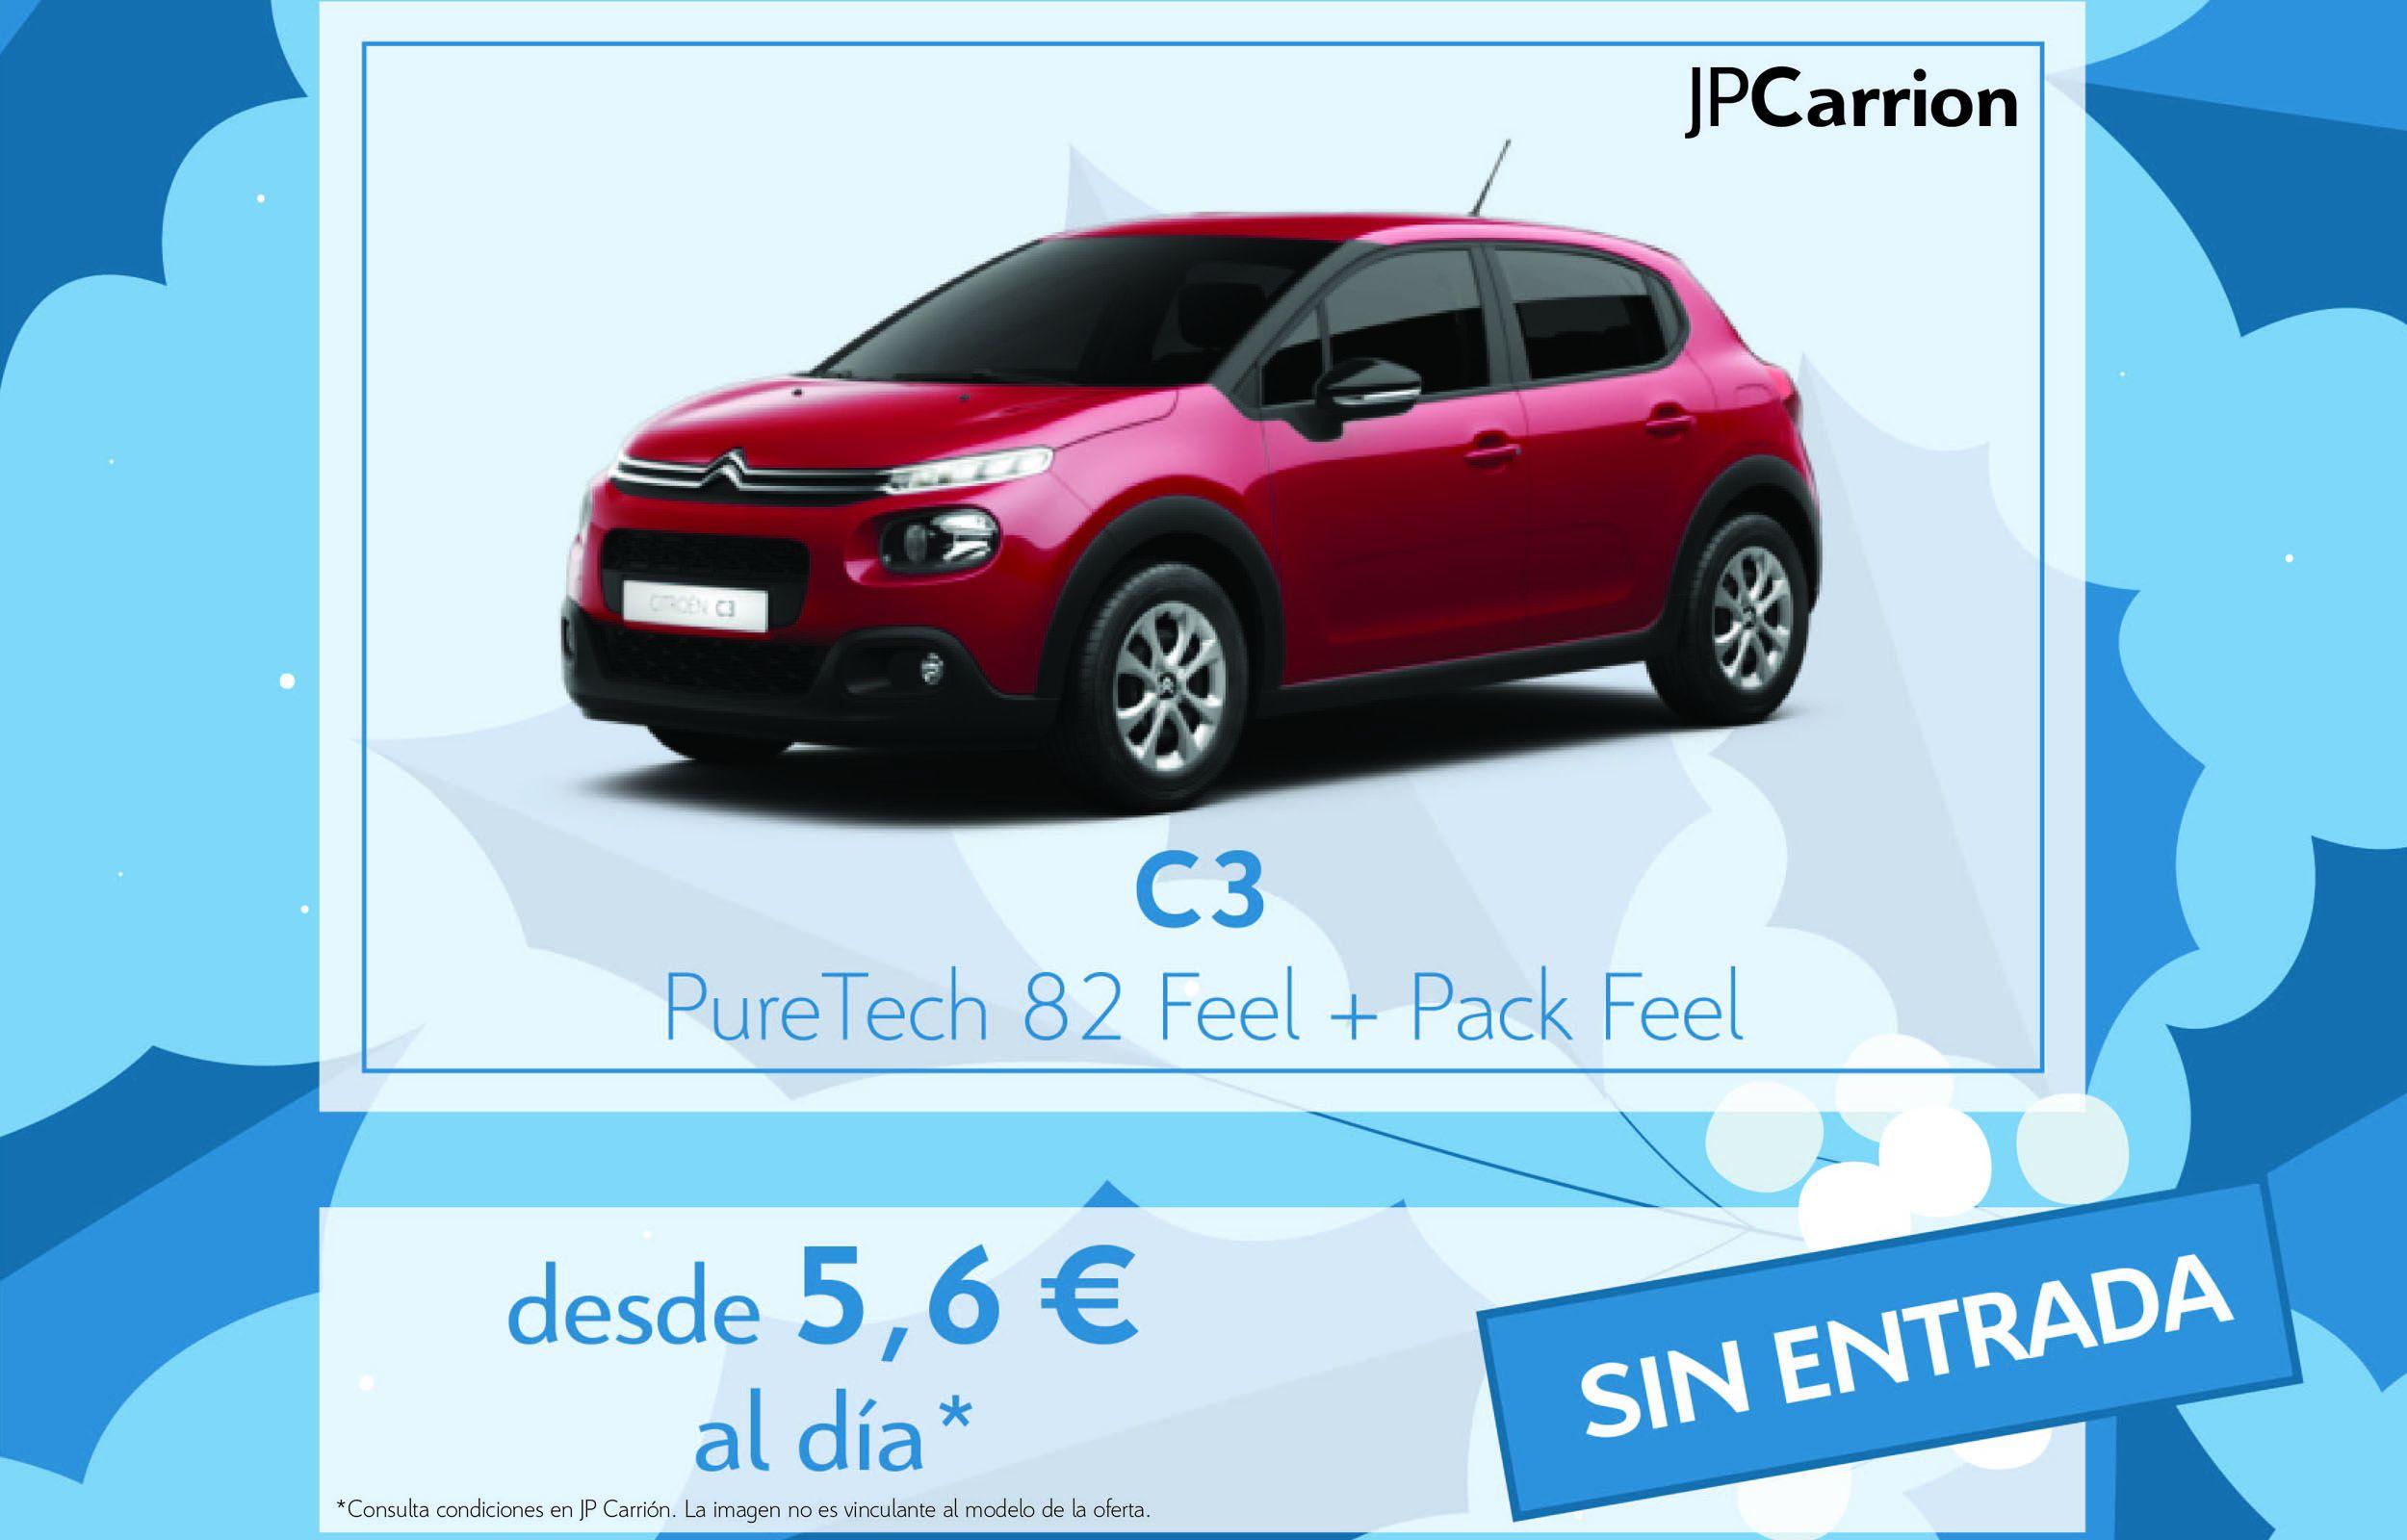 Citroën C3 PureTech 82 Feel por 5,6€ al día.